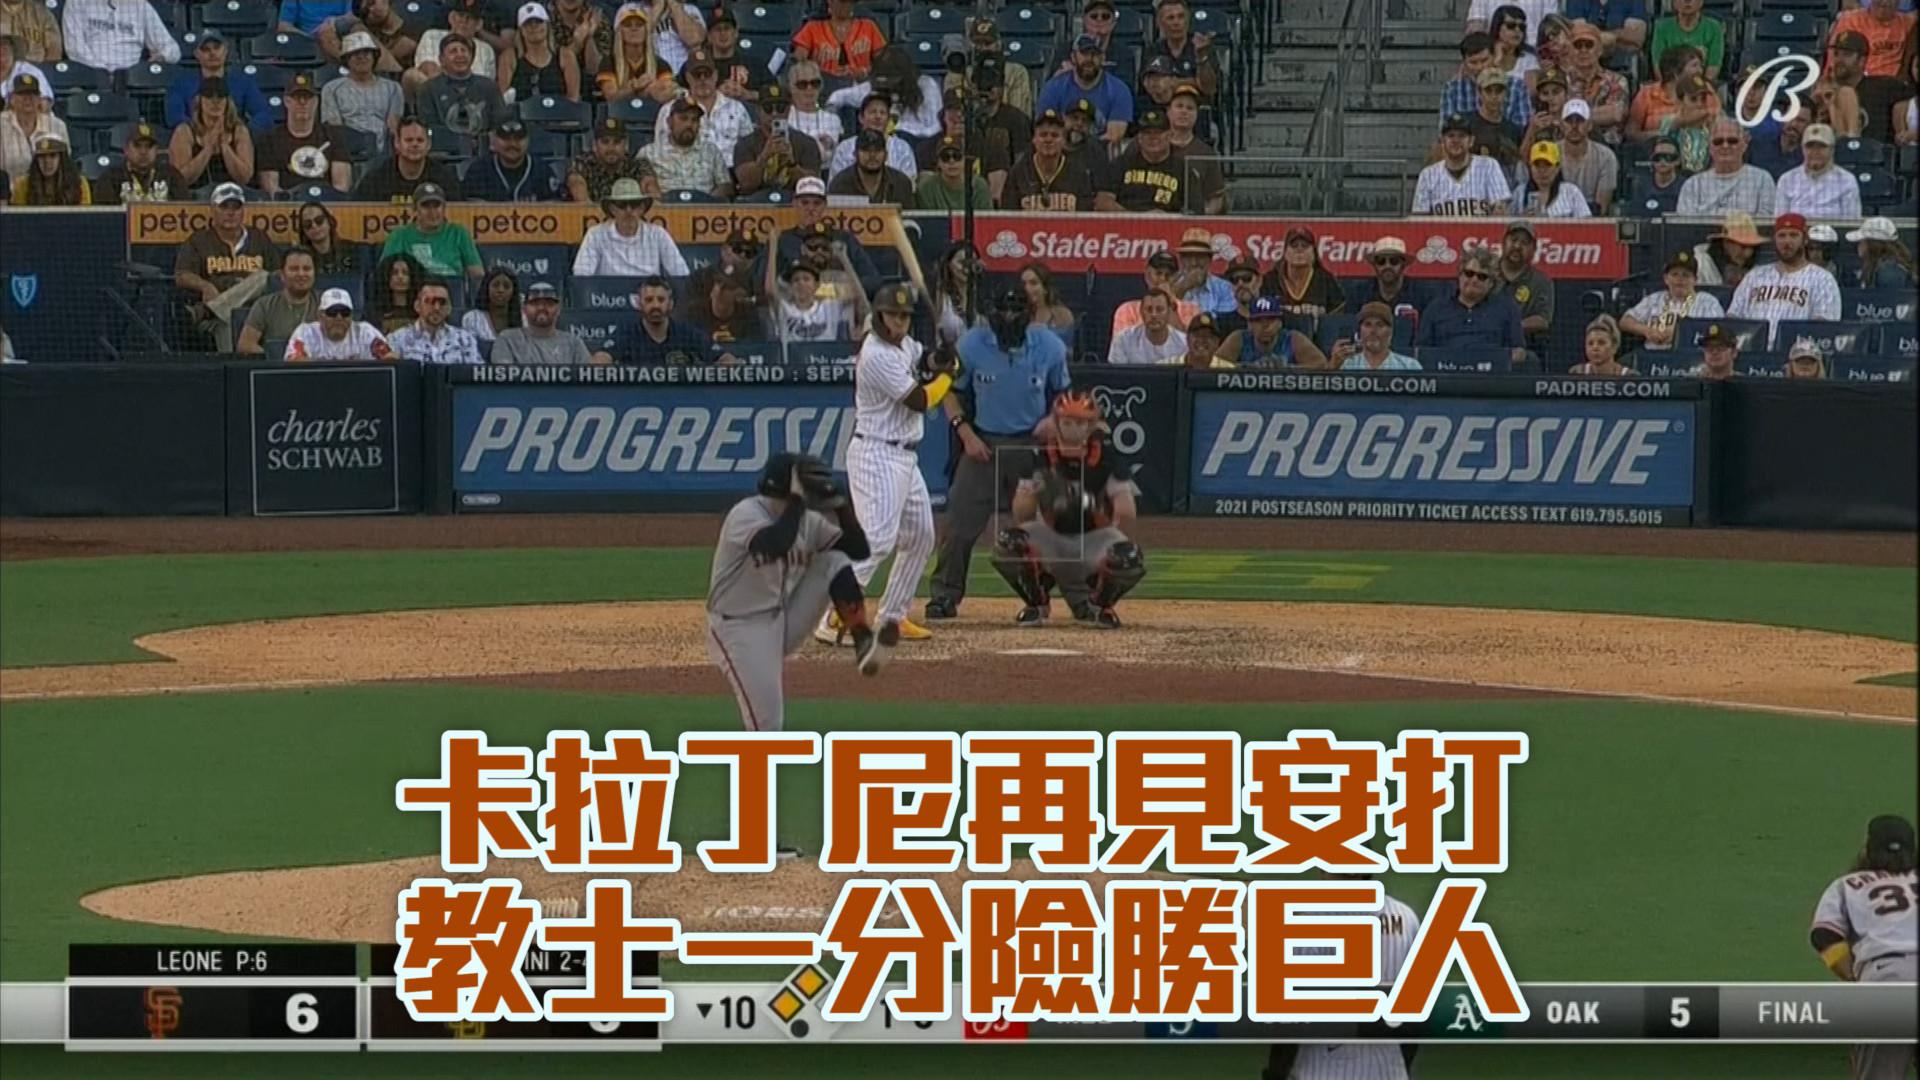 【MLB看愛爾達】卡拉丁尼再見安打 教士一分險勝巨人 9/24